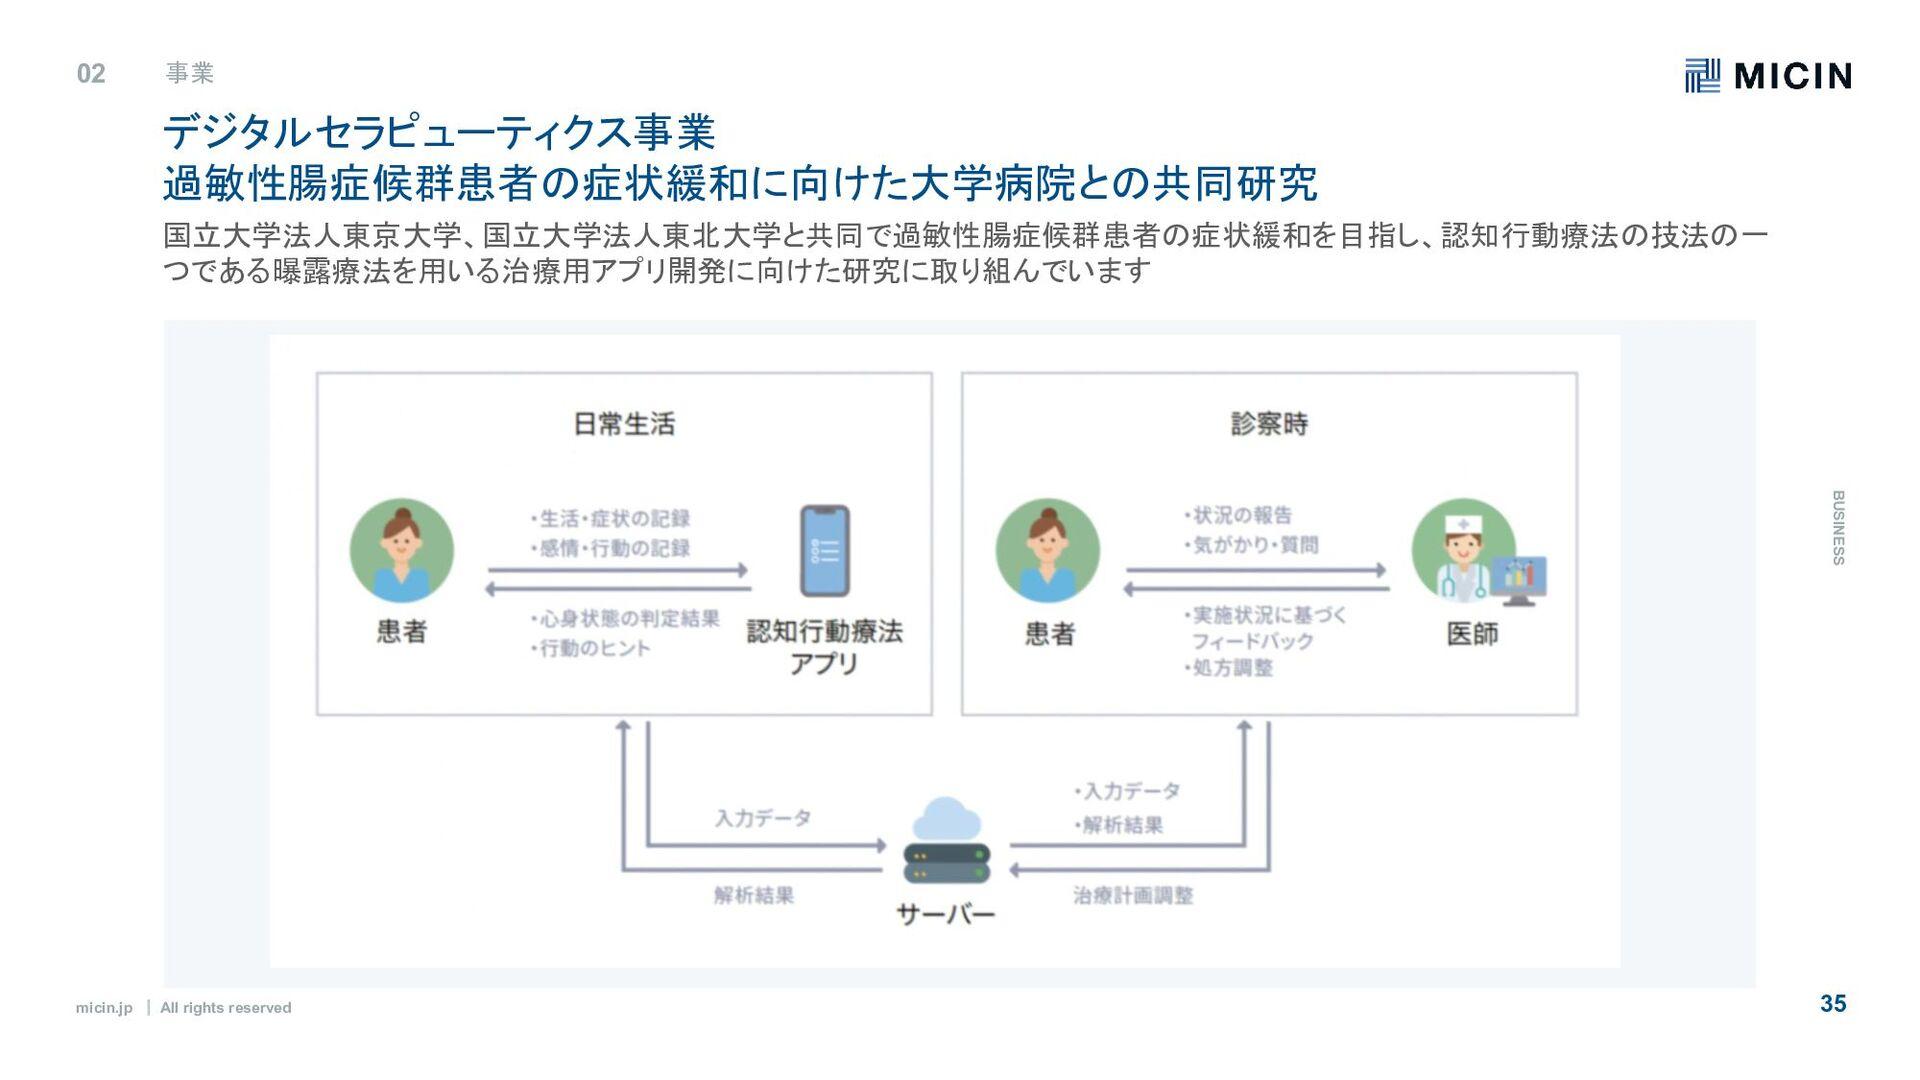 micin.jp ʛ All rights reserved 35 組織の特徴:5つのバリュー...